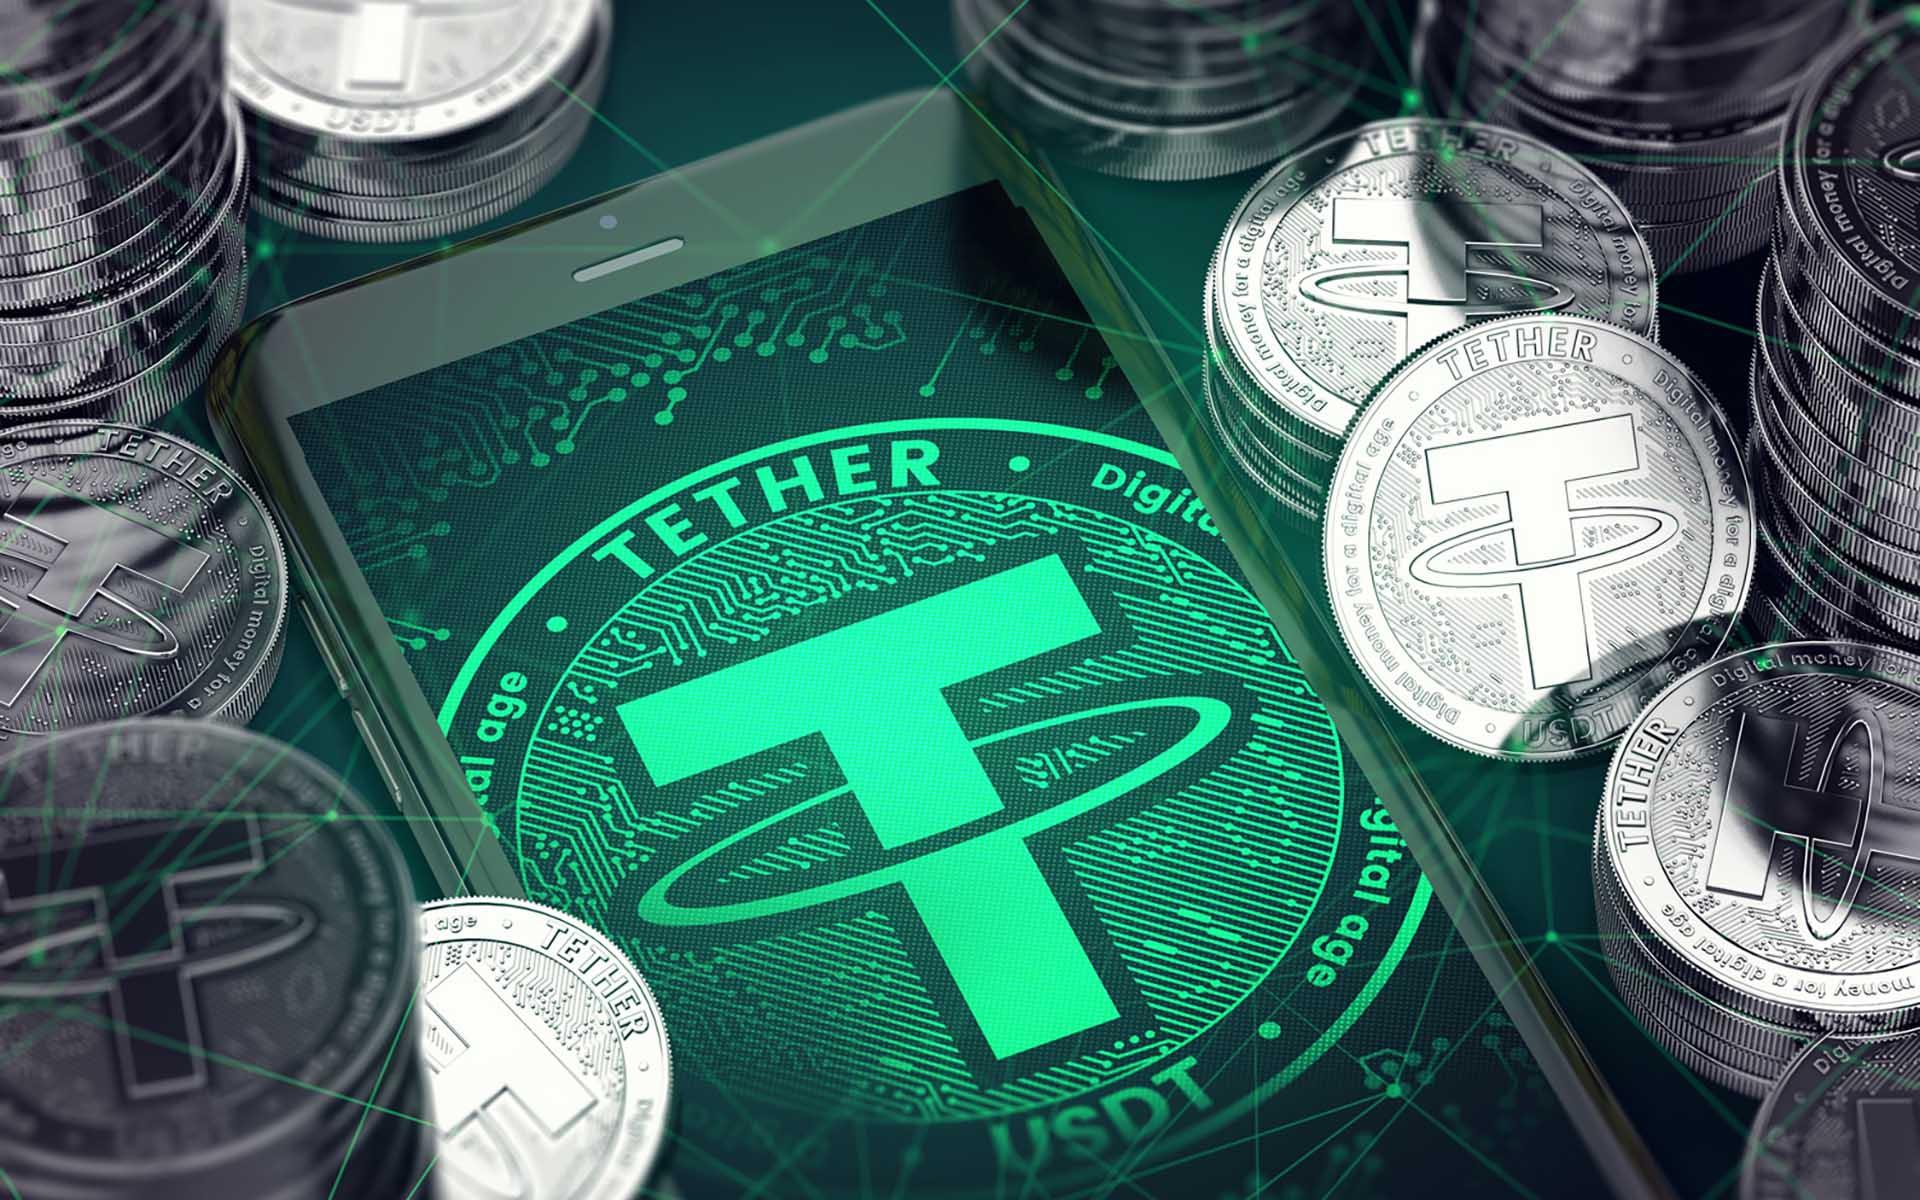 """Compañía detrás de Tether recibe nota demandando 500 BTC para no publicar documentos """"que puedan dañar el ecosistema de BTC"""""""